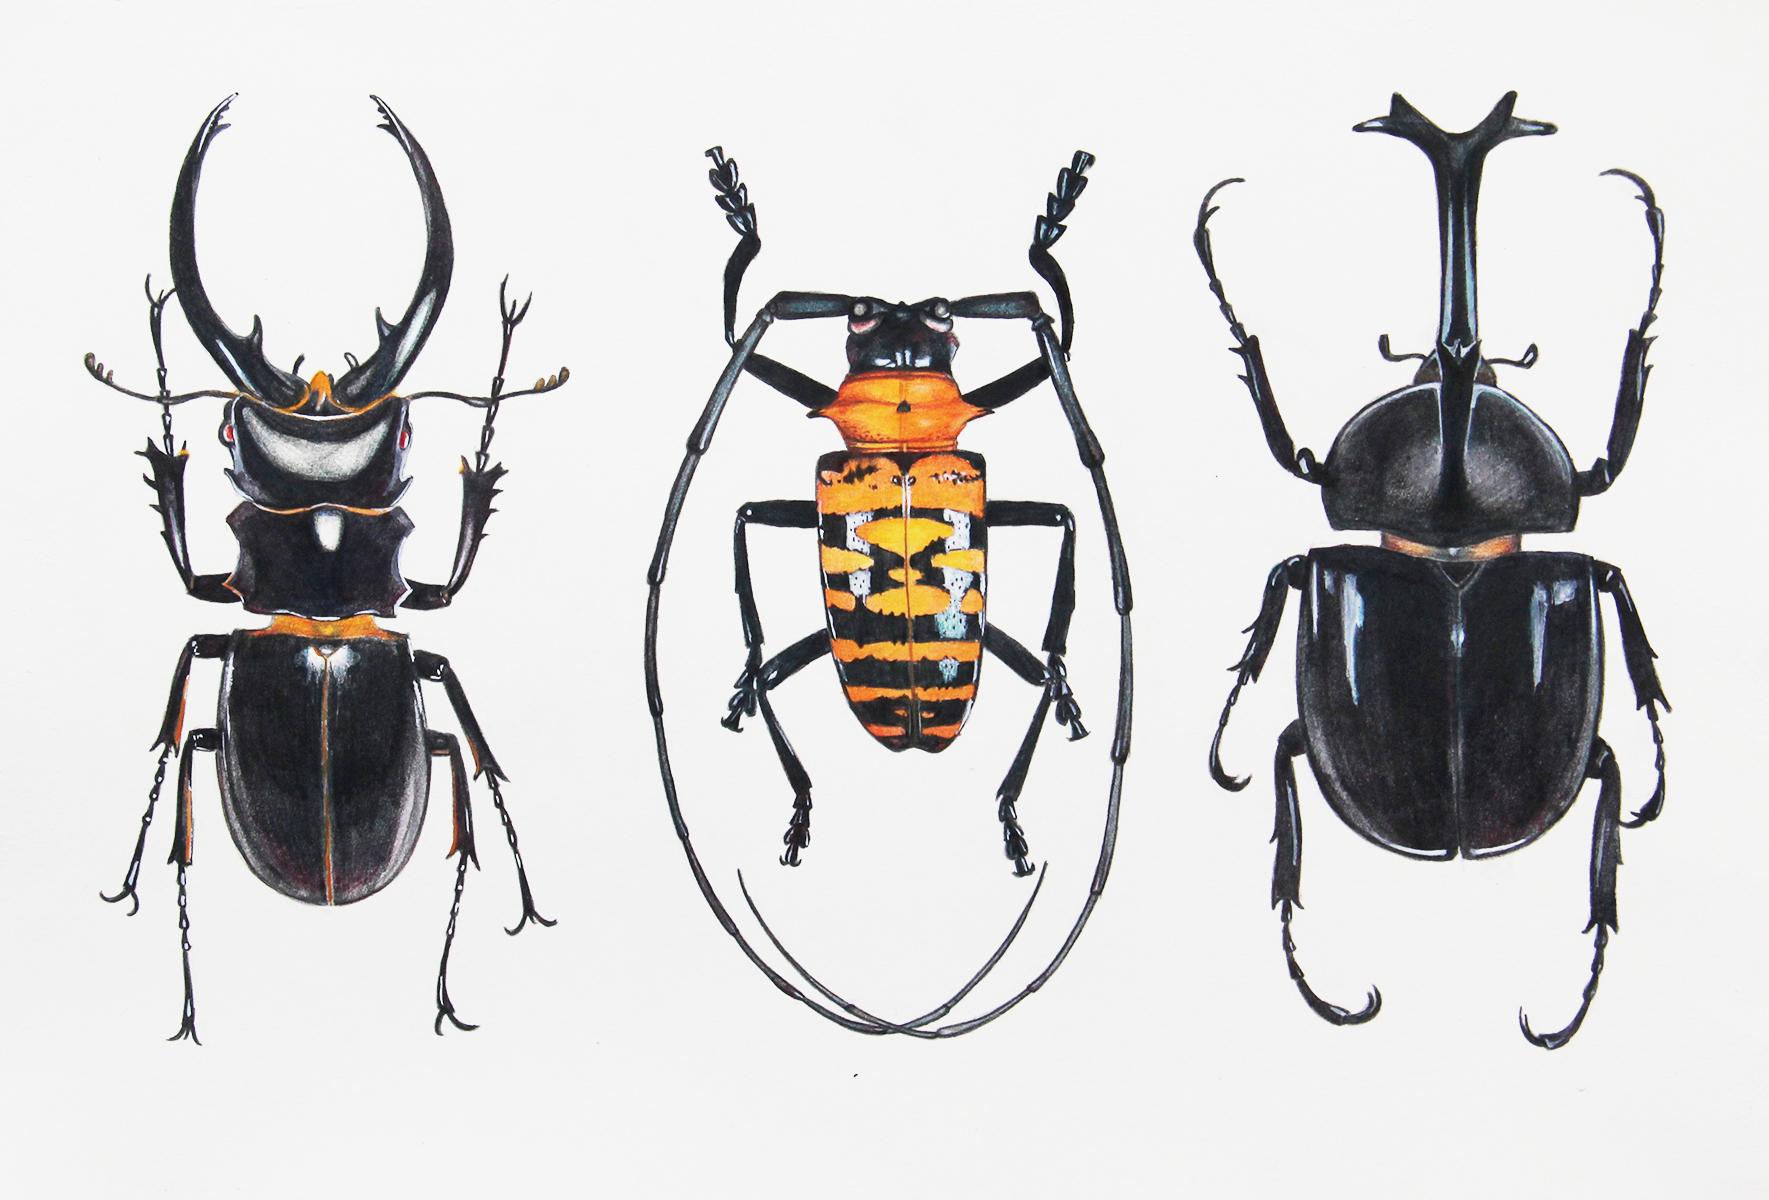 昆虫图片大全手绘